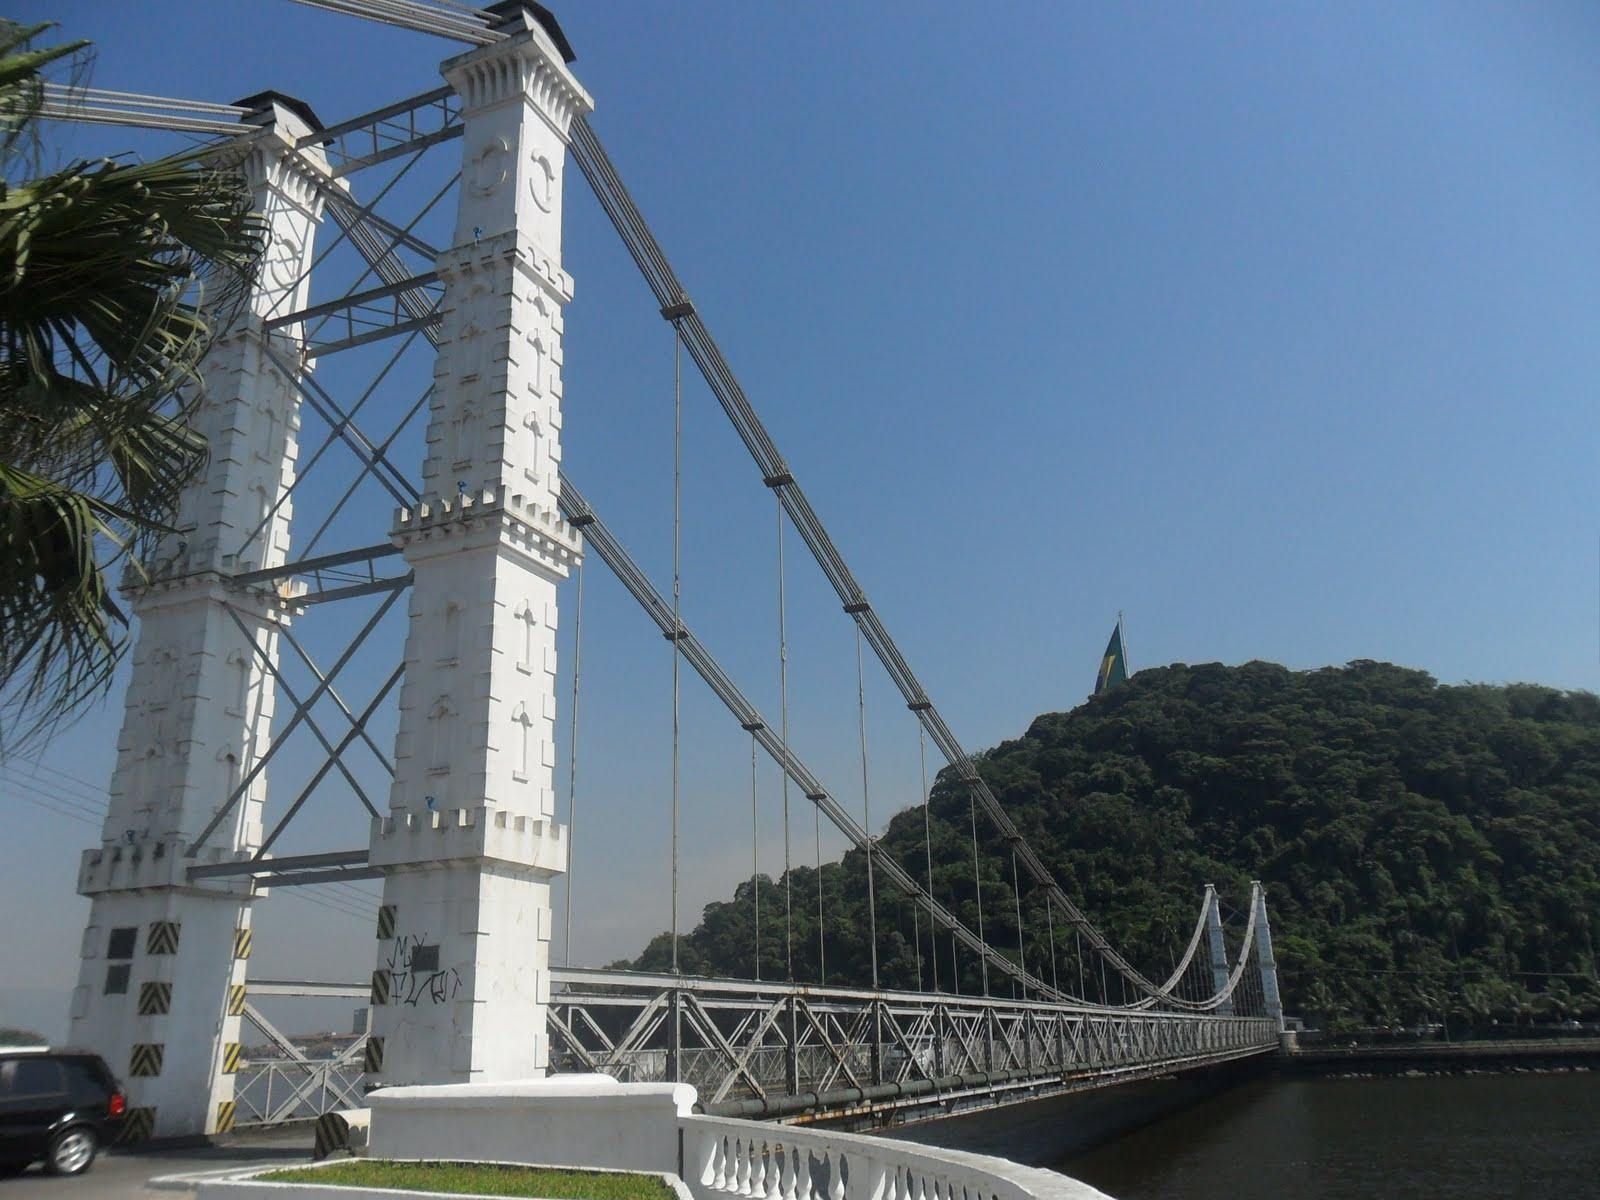 Ponte pênsil de são vicente é uma ponte pênsil que liga a ilha